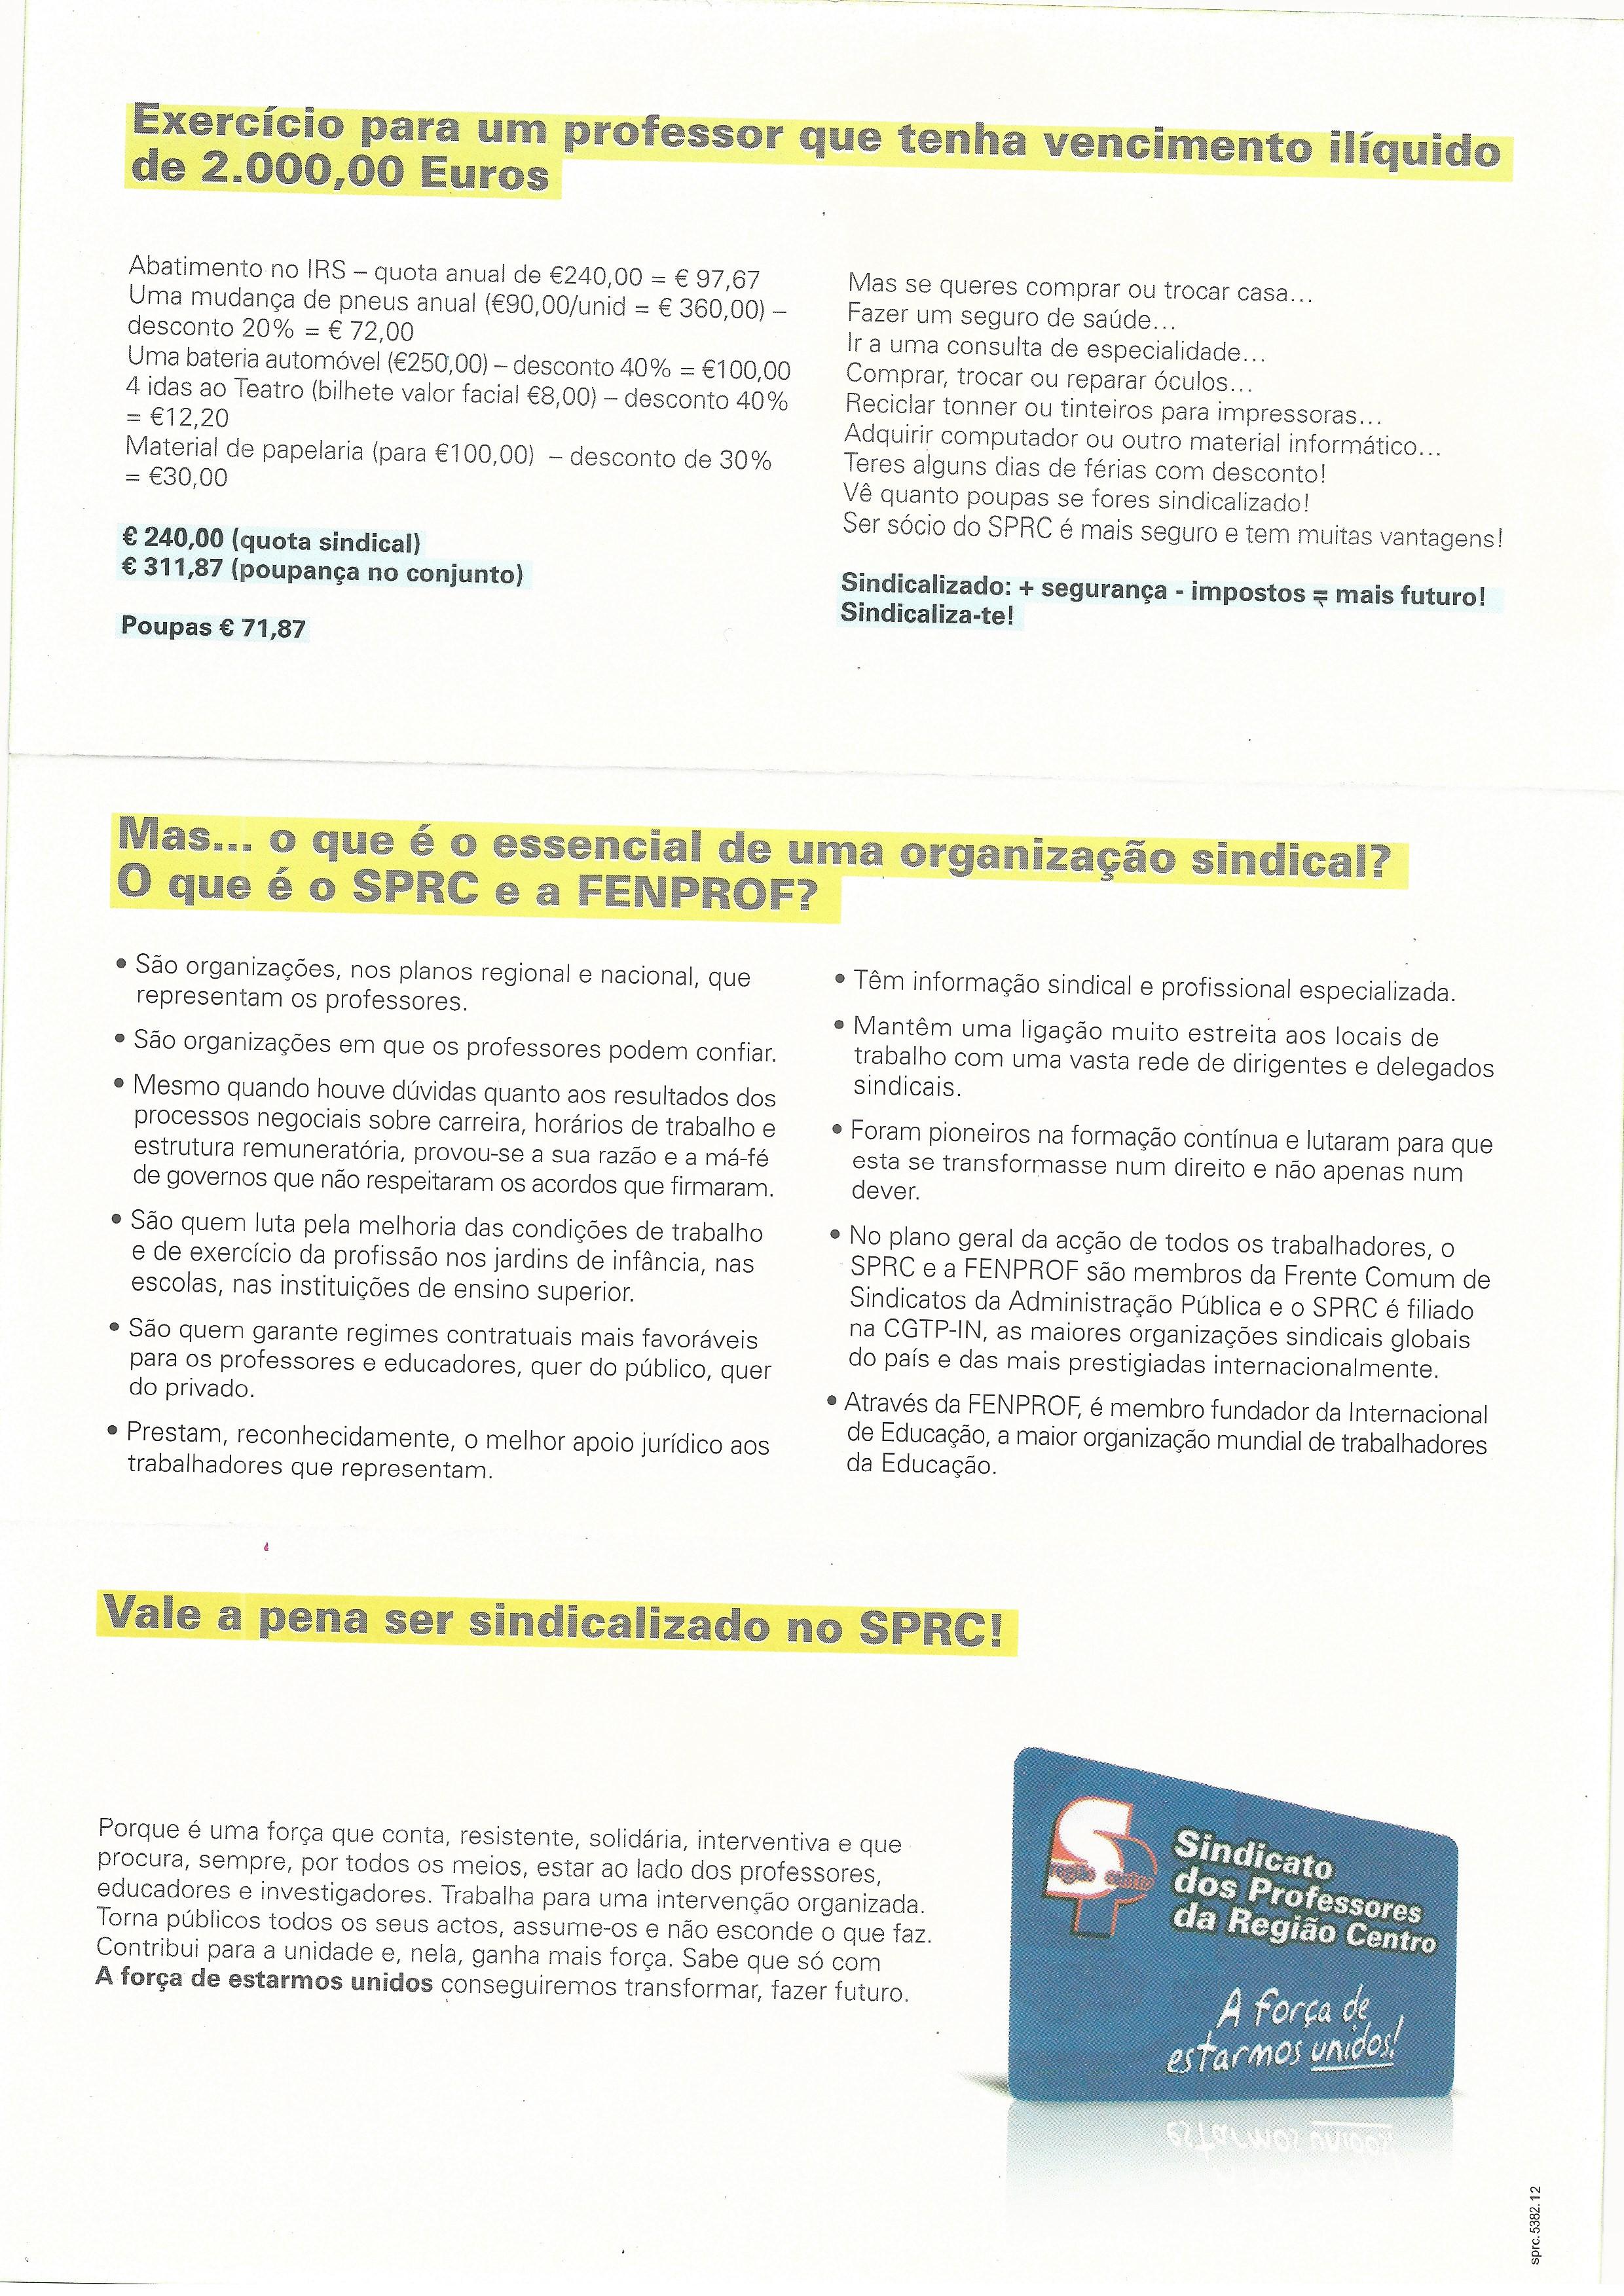 SINDICATO DOS PROFESSORES DA REGIÃO CENTRO – 2017 – EPHEMERA – Biblioteca e  arquivo de José Pacheco Pereira 446fbc6a72